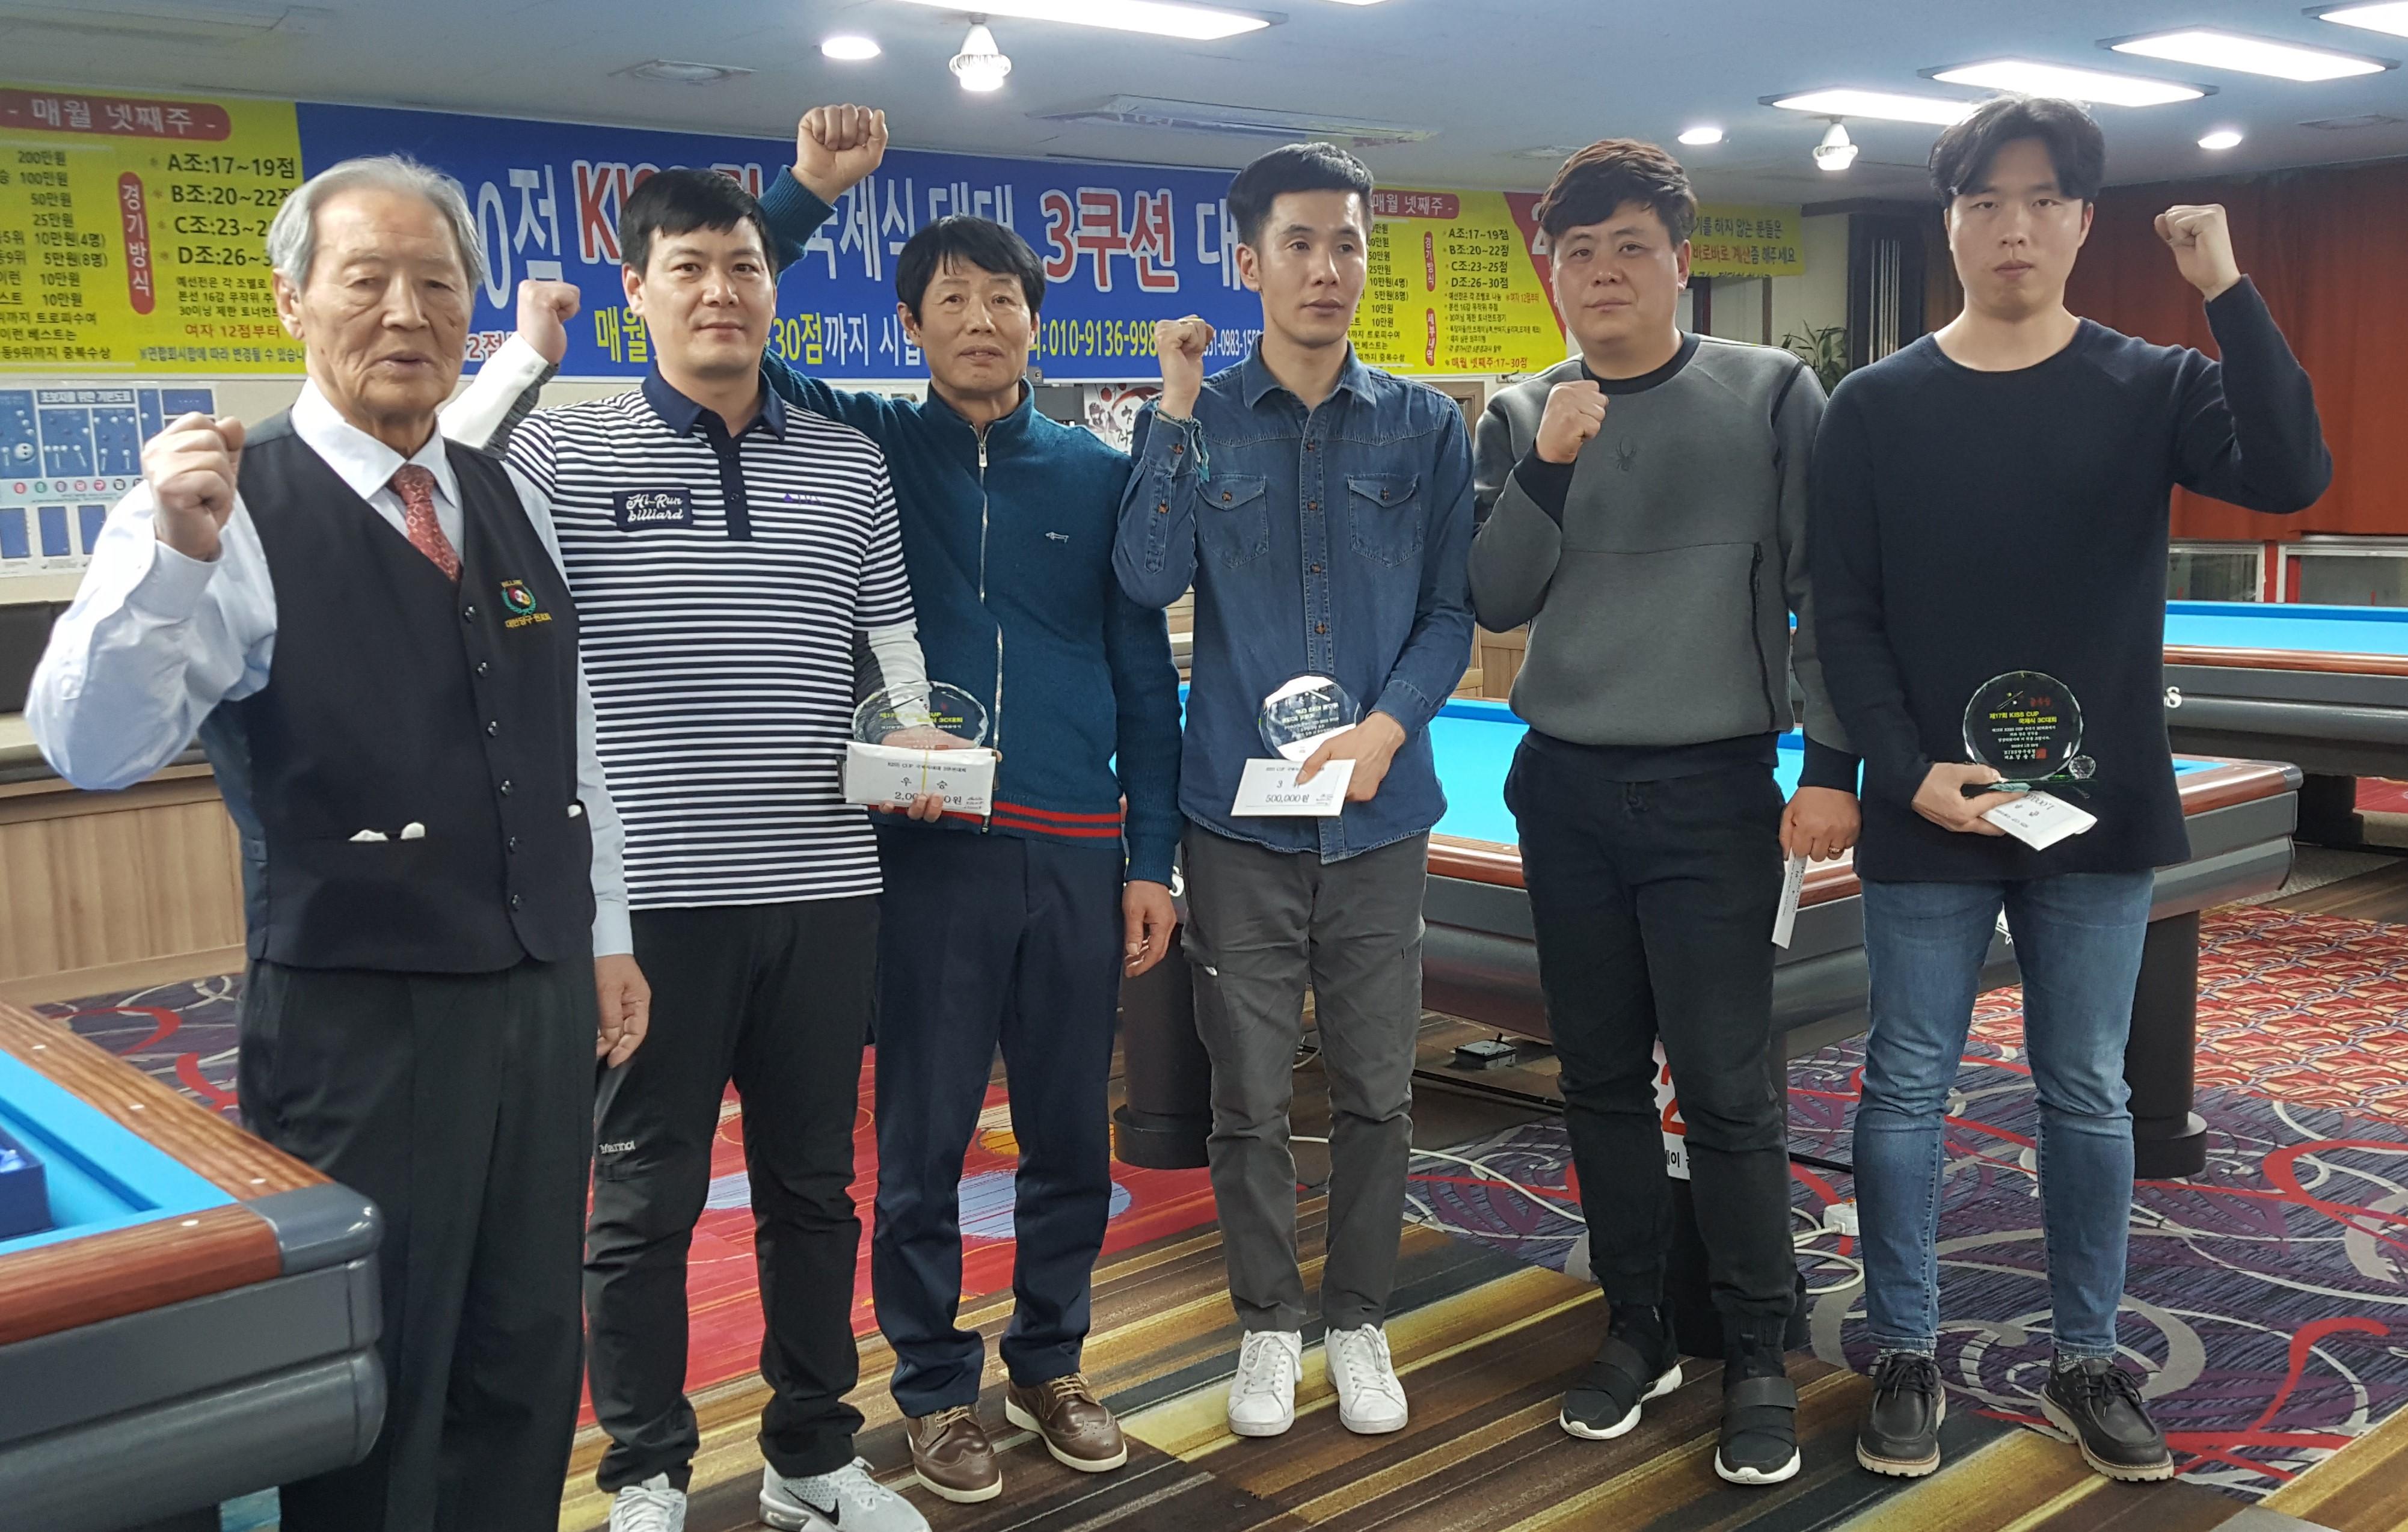 대전 'KISS컵 동호인 3쿠션대회' 김재환 우승